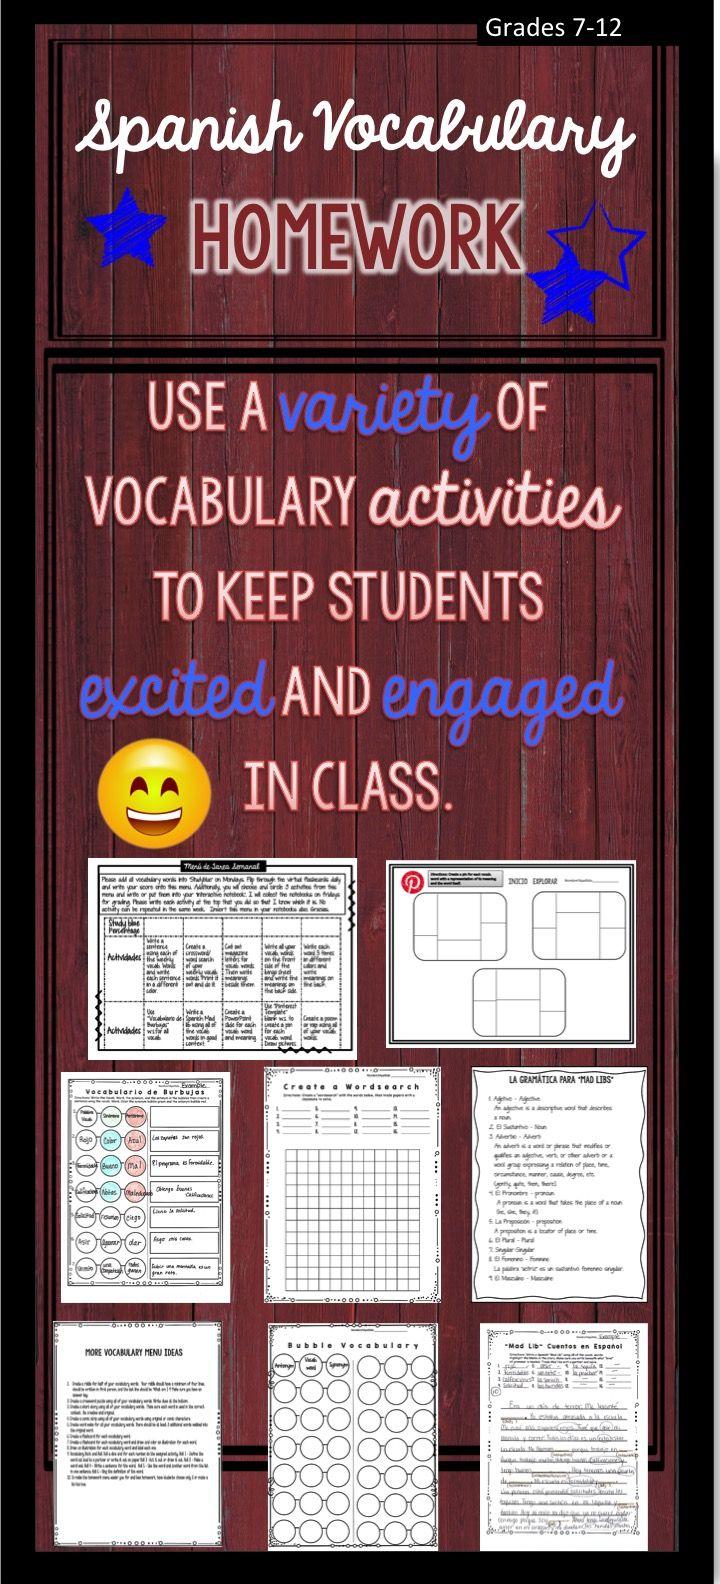 Spanish Vocabulary Activities Homework Menu and Practice